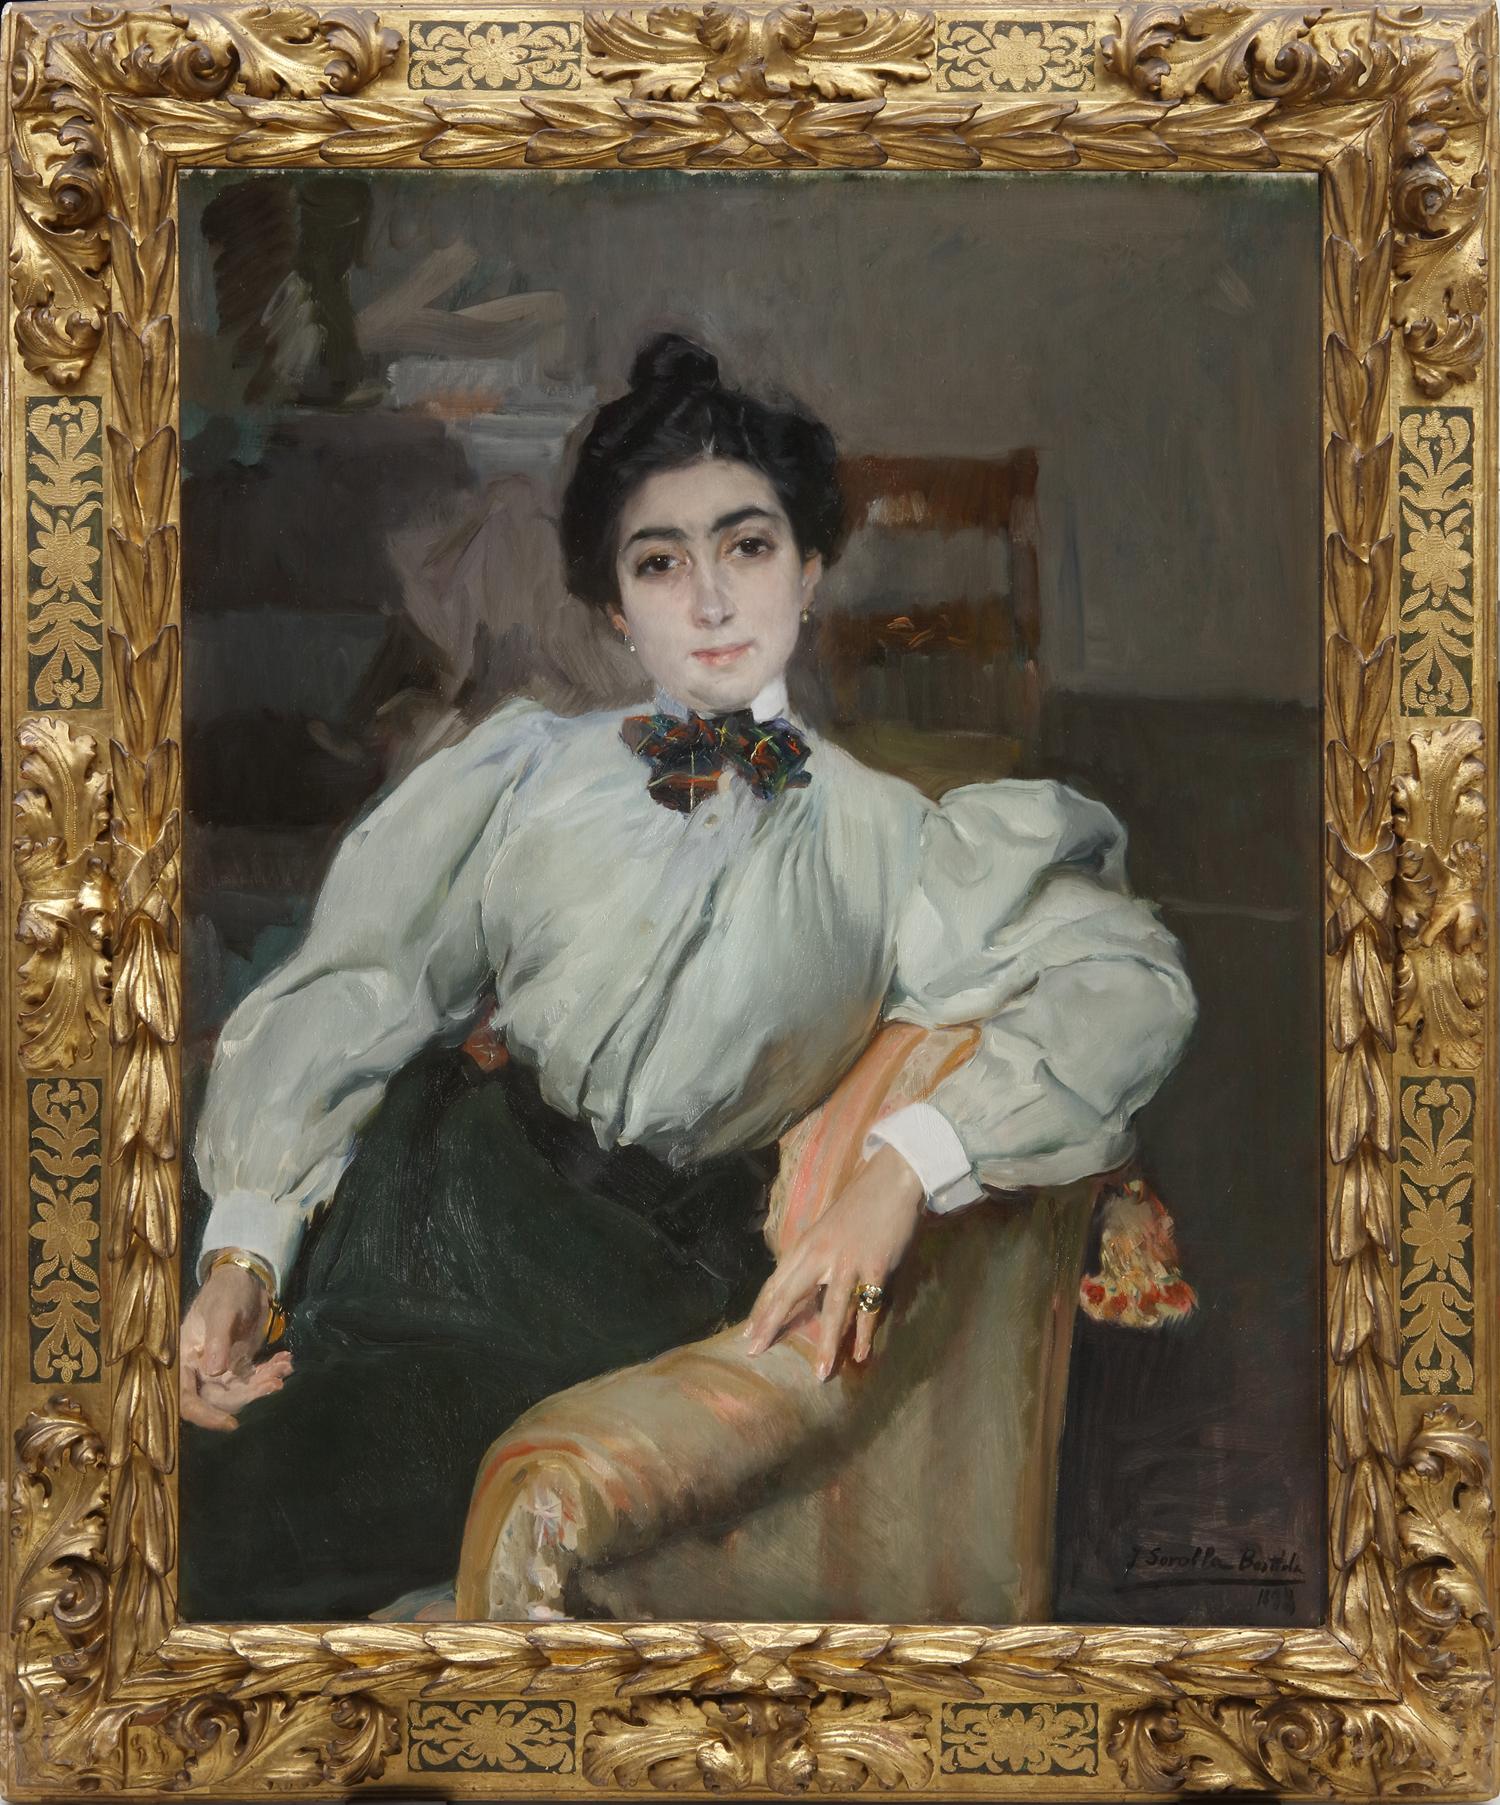 retrato-de-isabel-herraud-de-fernandez-corolla